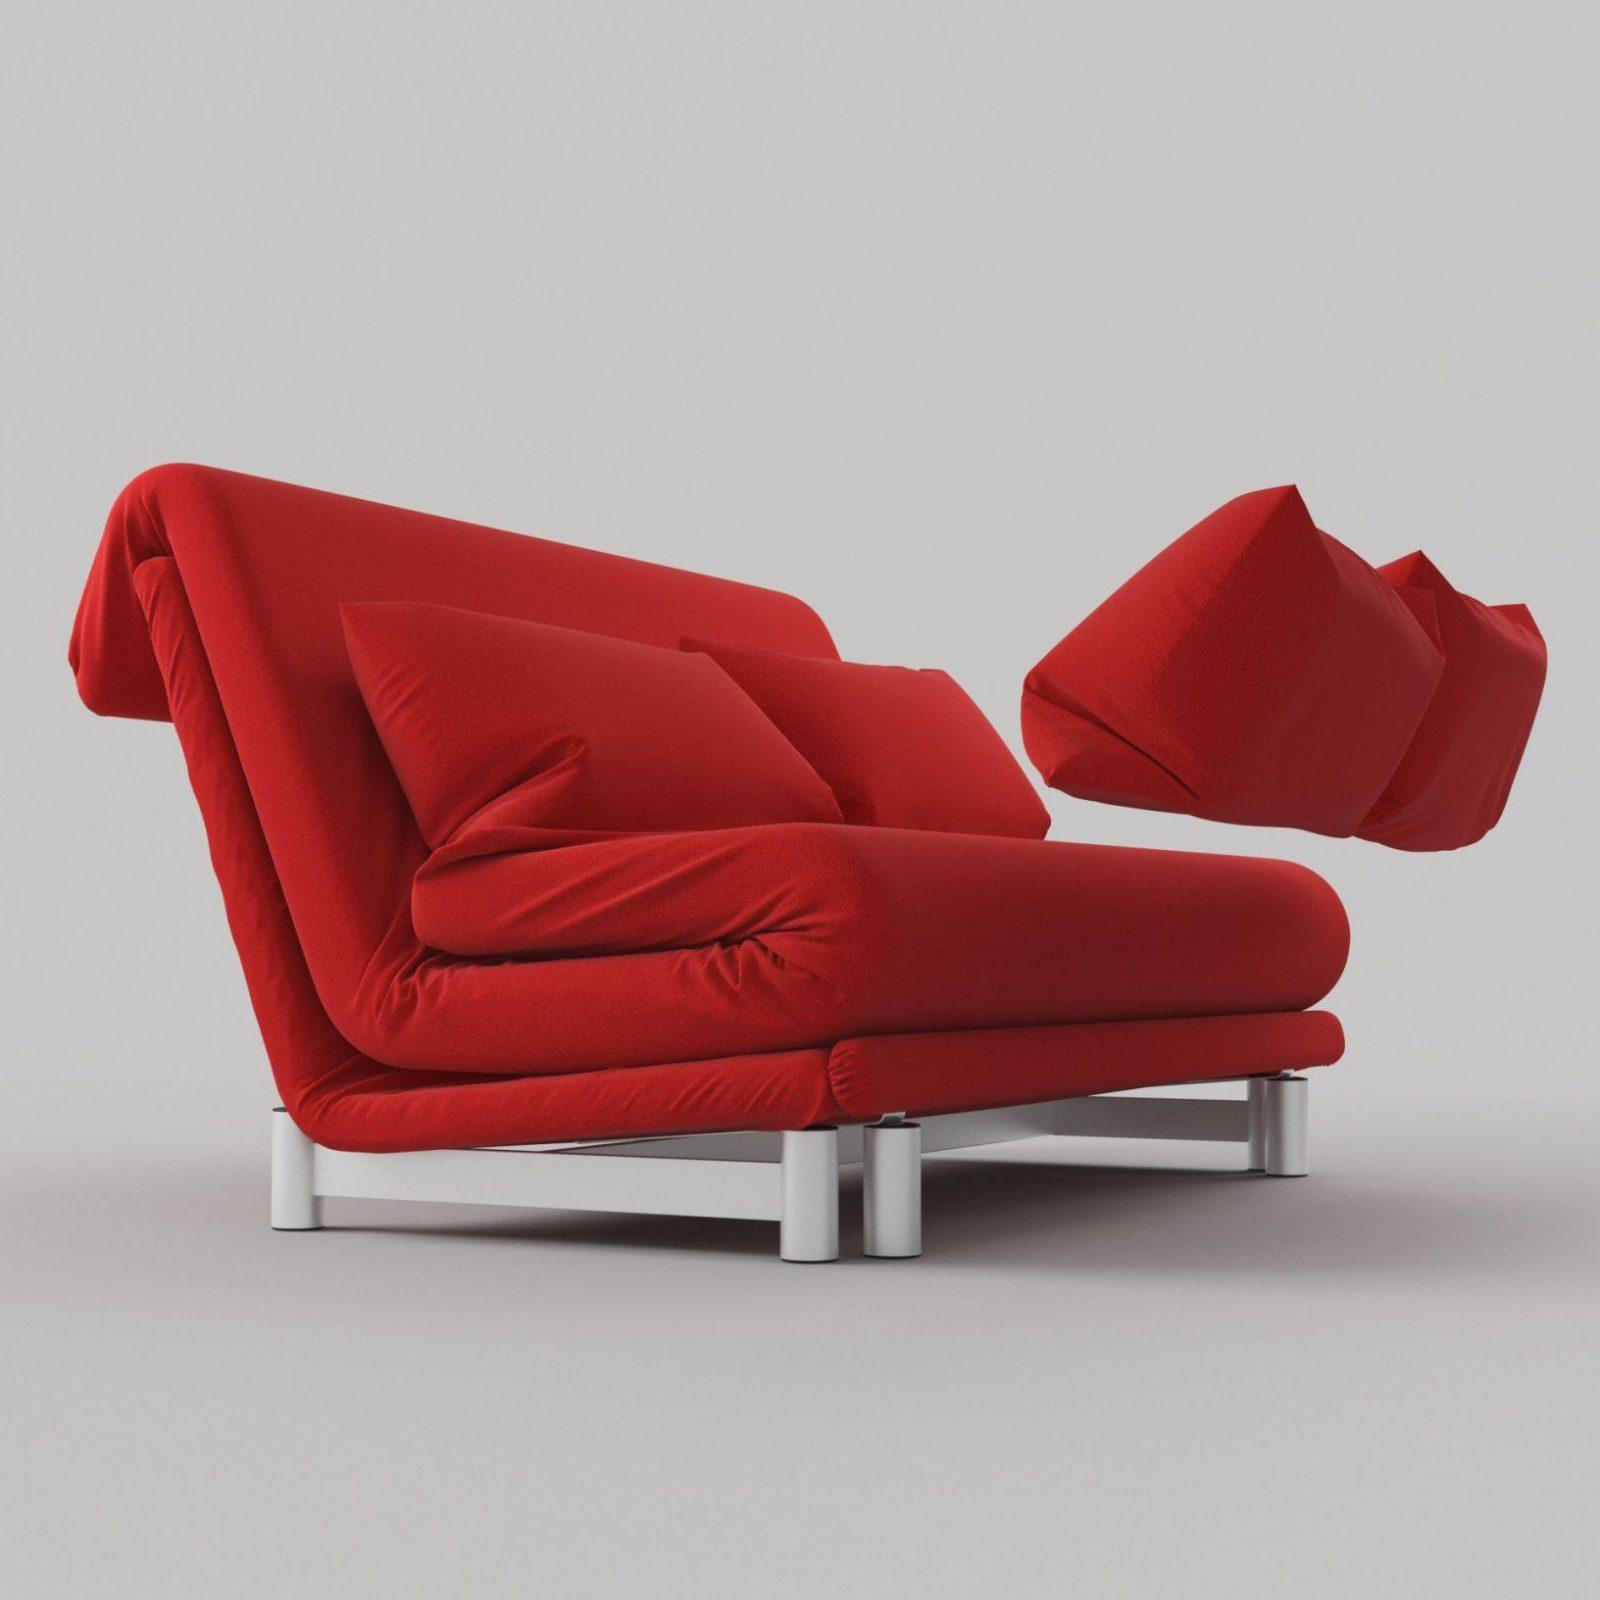 3D Model Modern Sofa Bedligne Roset  Cgtrader von Ligne Roset Schlafsofa Multy Bild